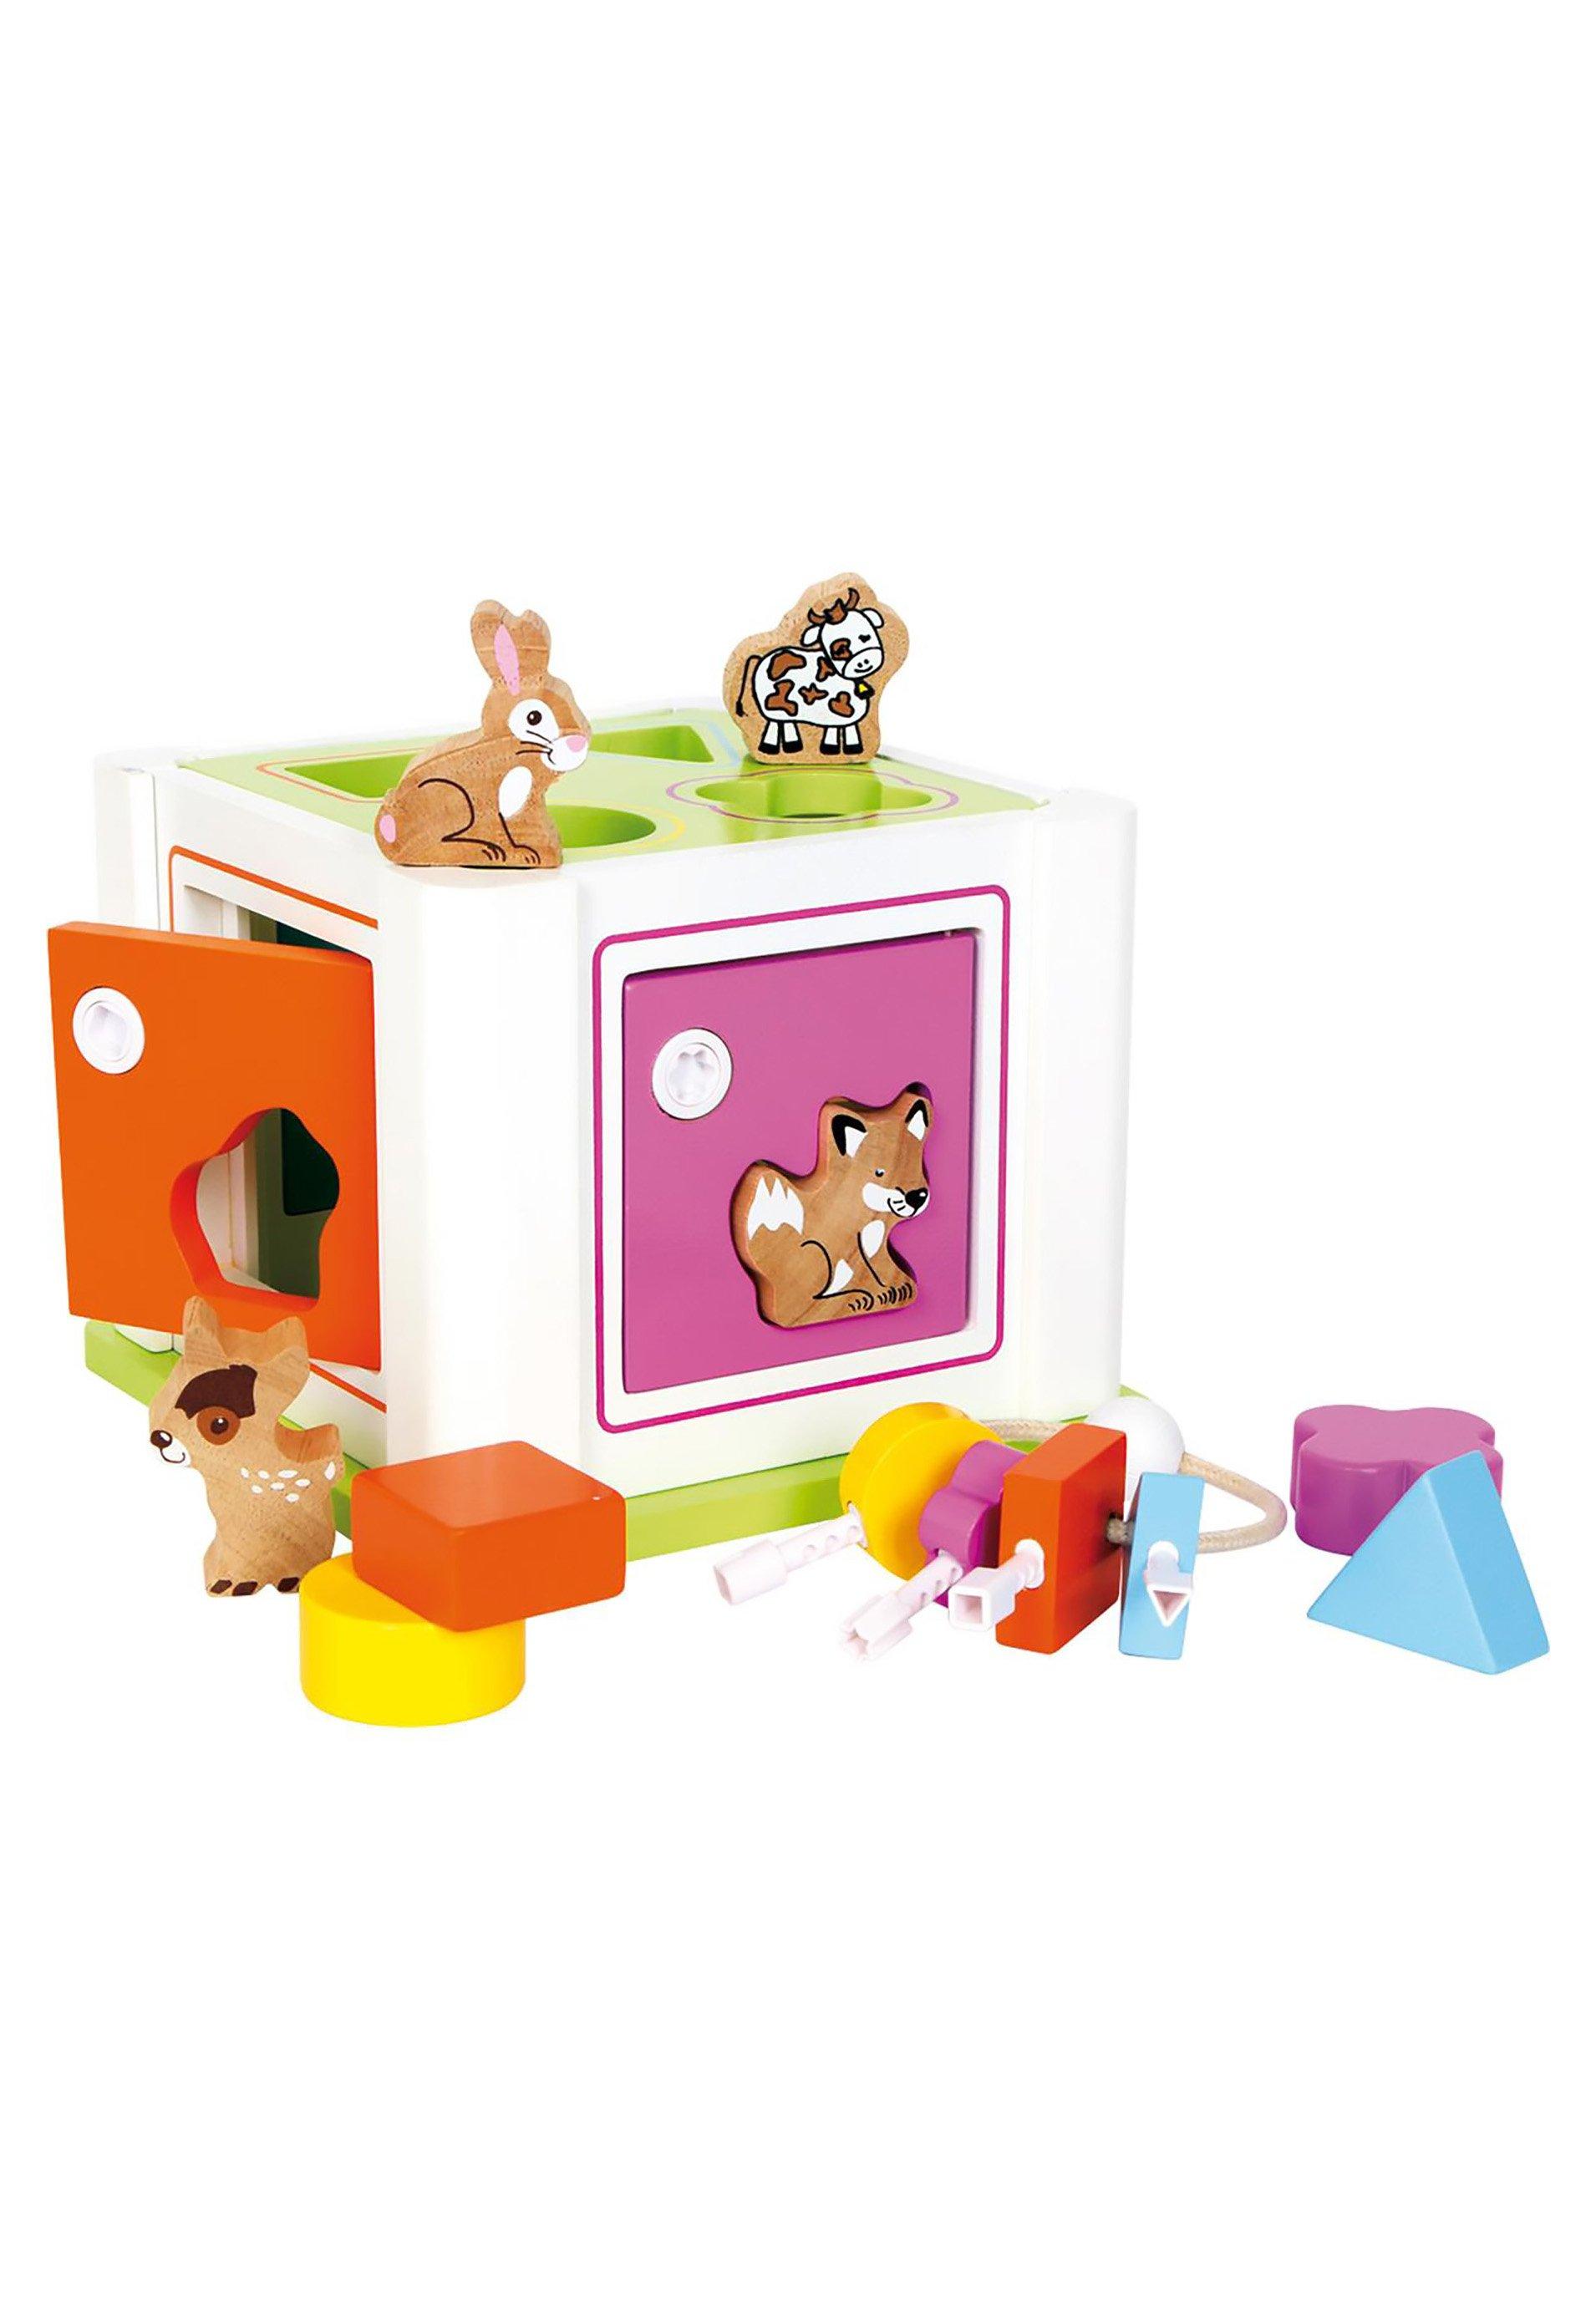 Kinder STECKSPIELE STECK-BOX - Spielzeug